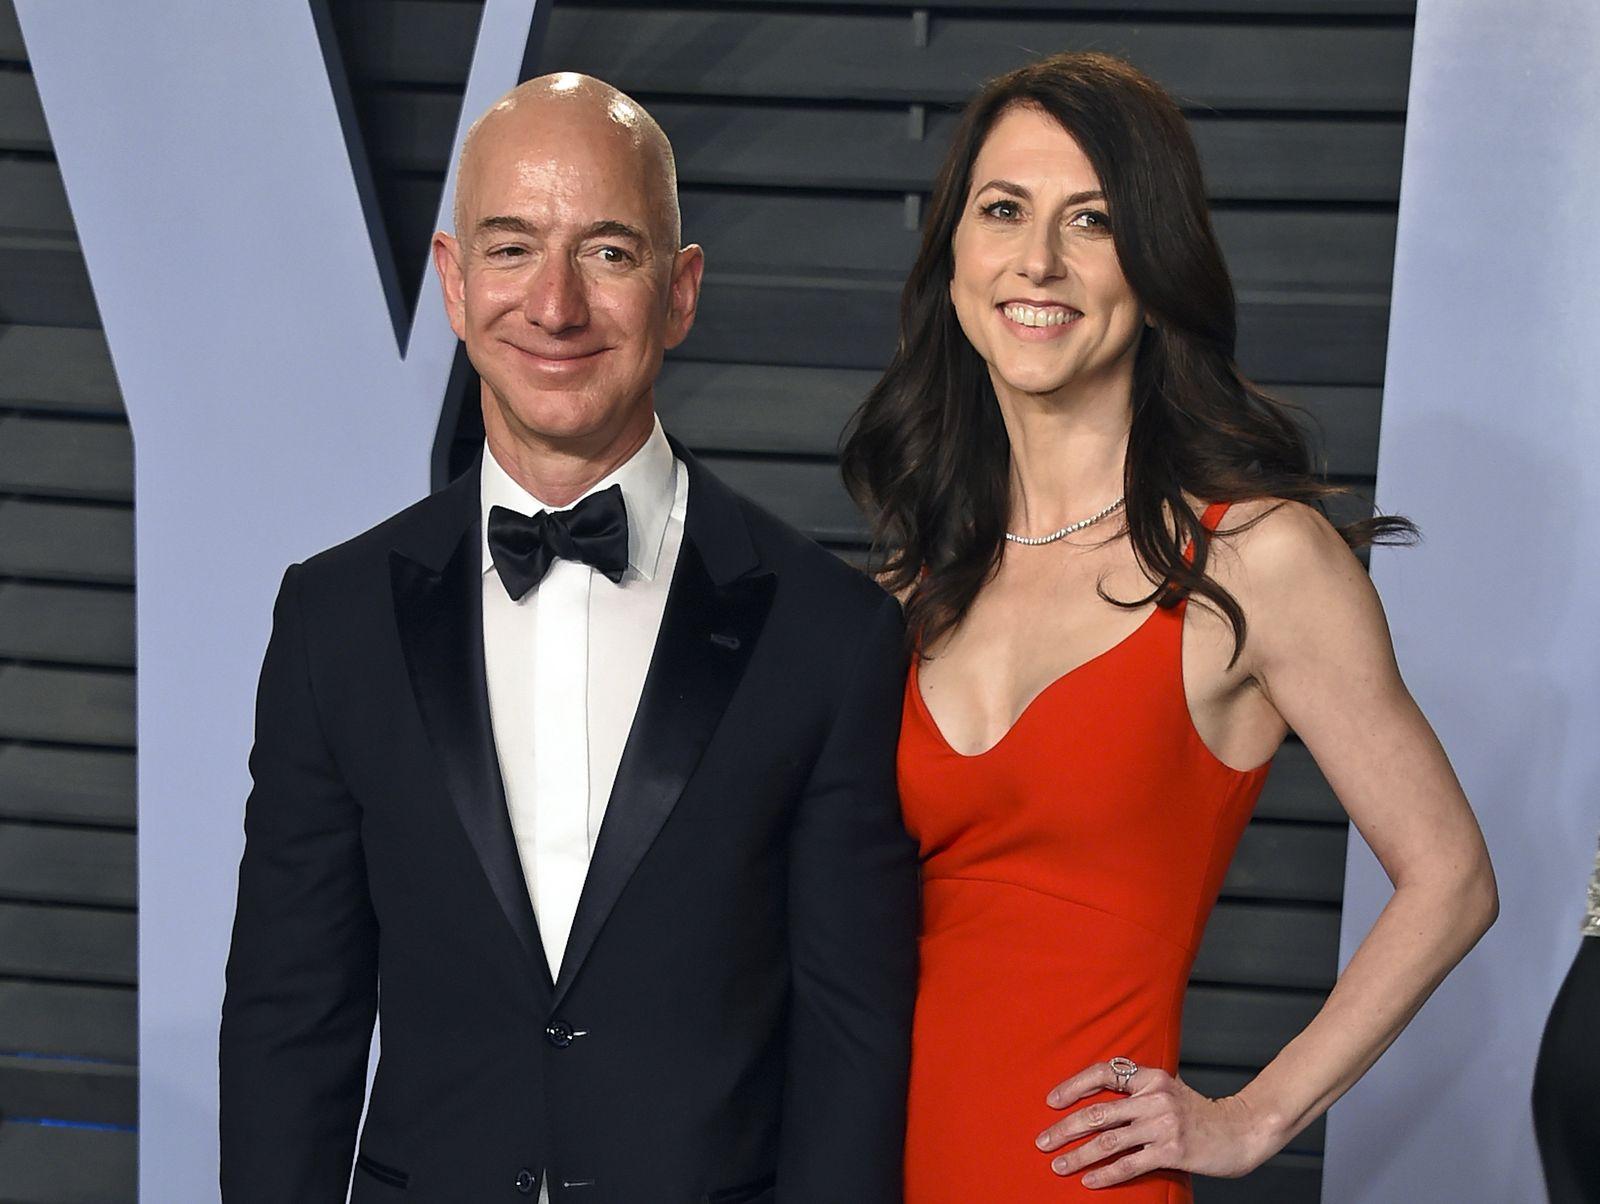 Jeff Bezos/MacKenzie Bezos